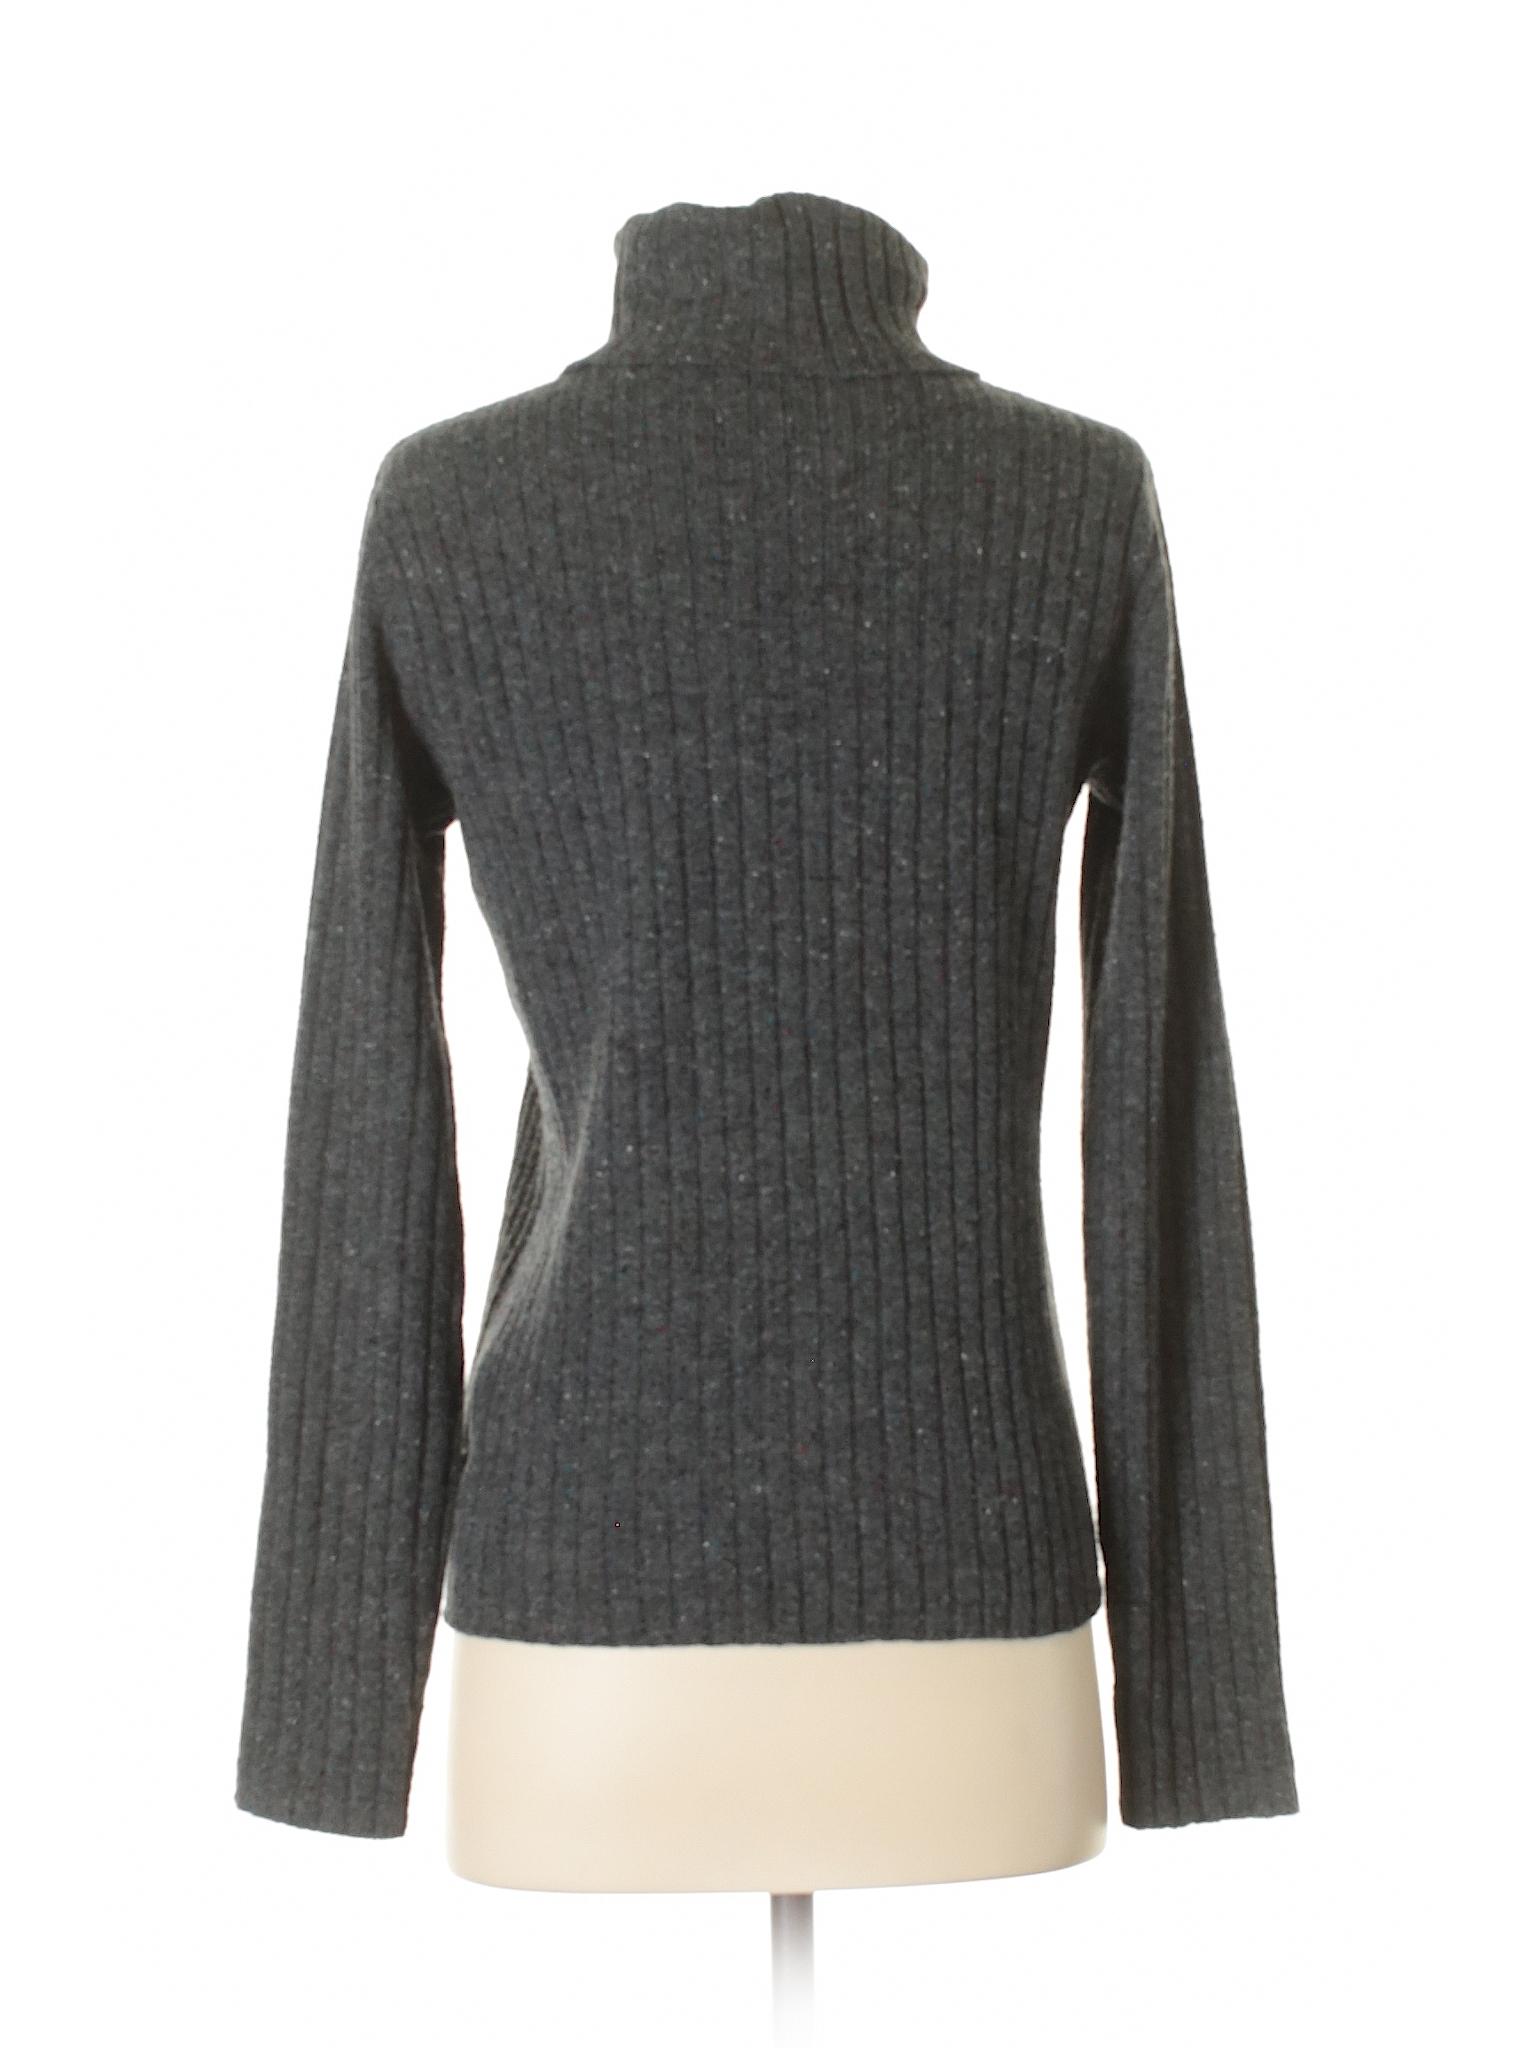 Sweater Wool Pullover Boutique winter Hill Garnet 4qqTX6